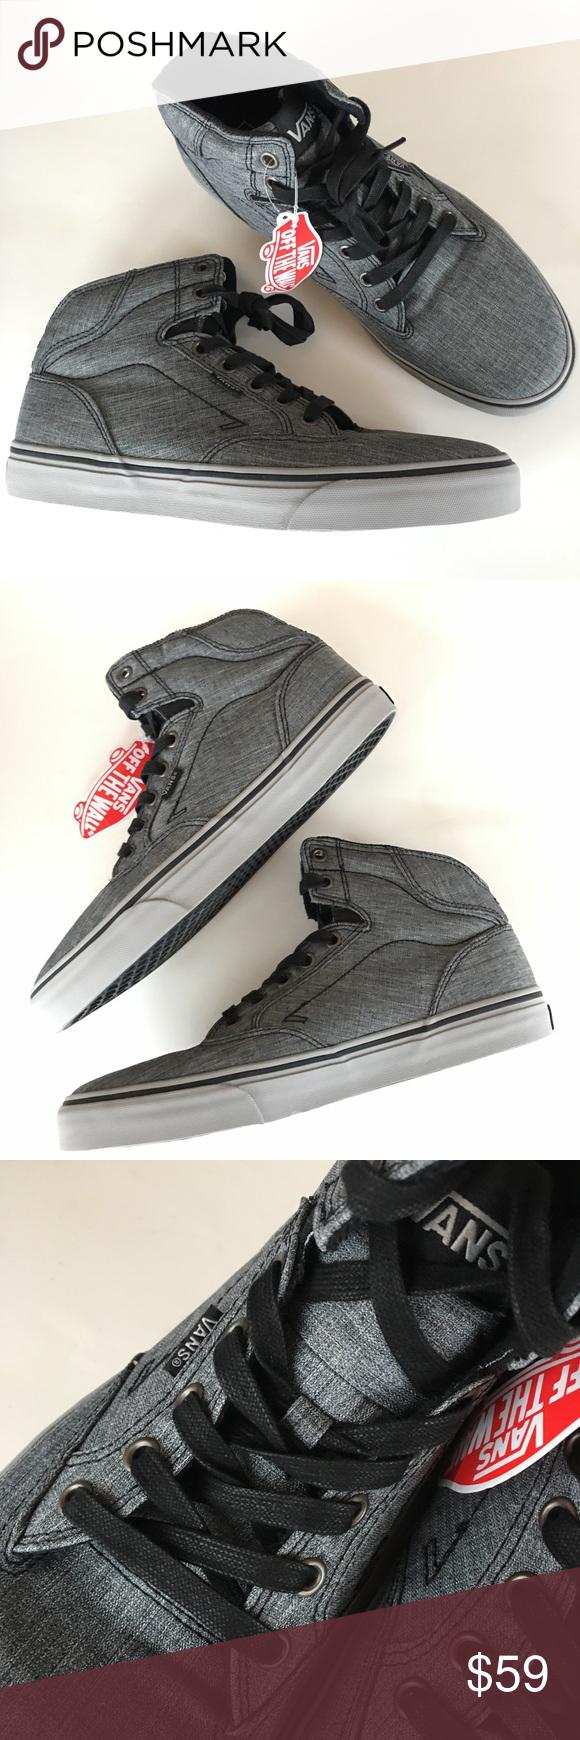 e70c89cfed4d NEW VANS high top off wall gray black sneakers men